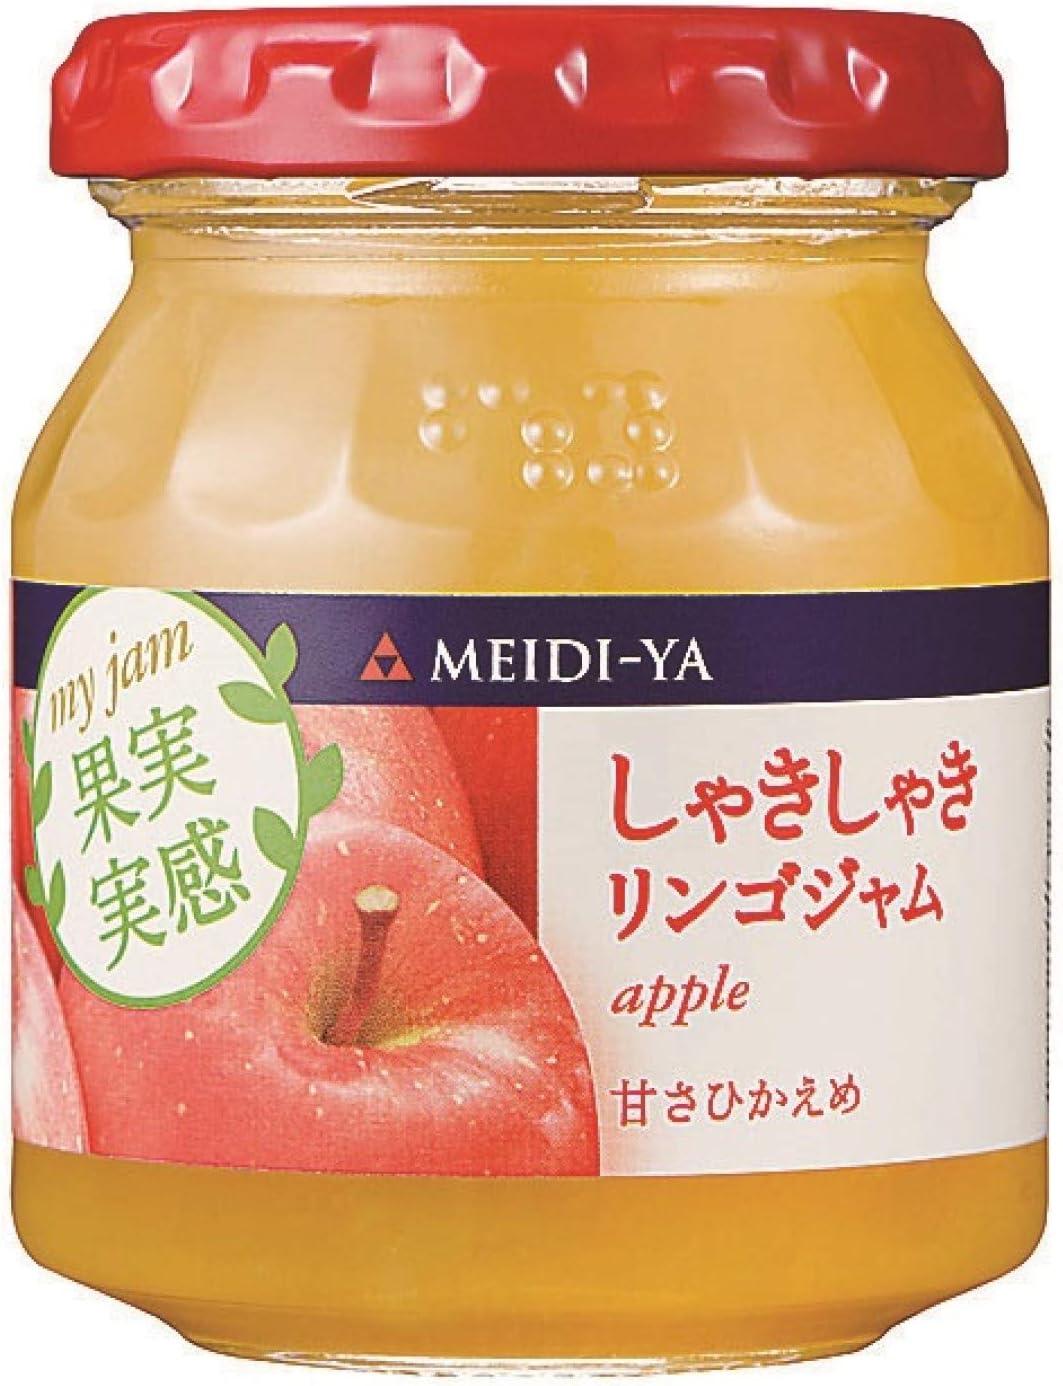 ジャム りんご